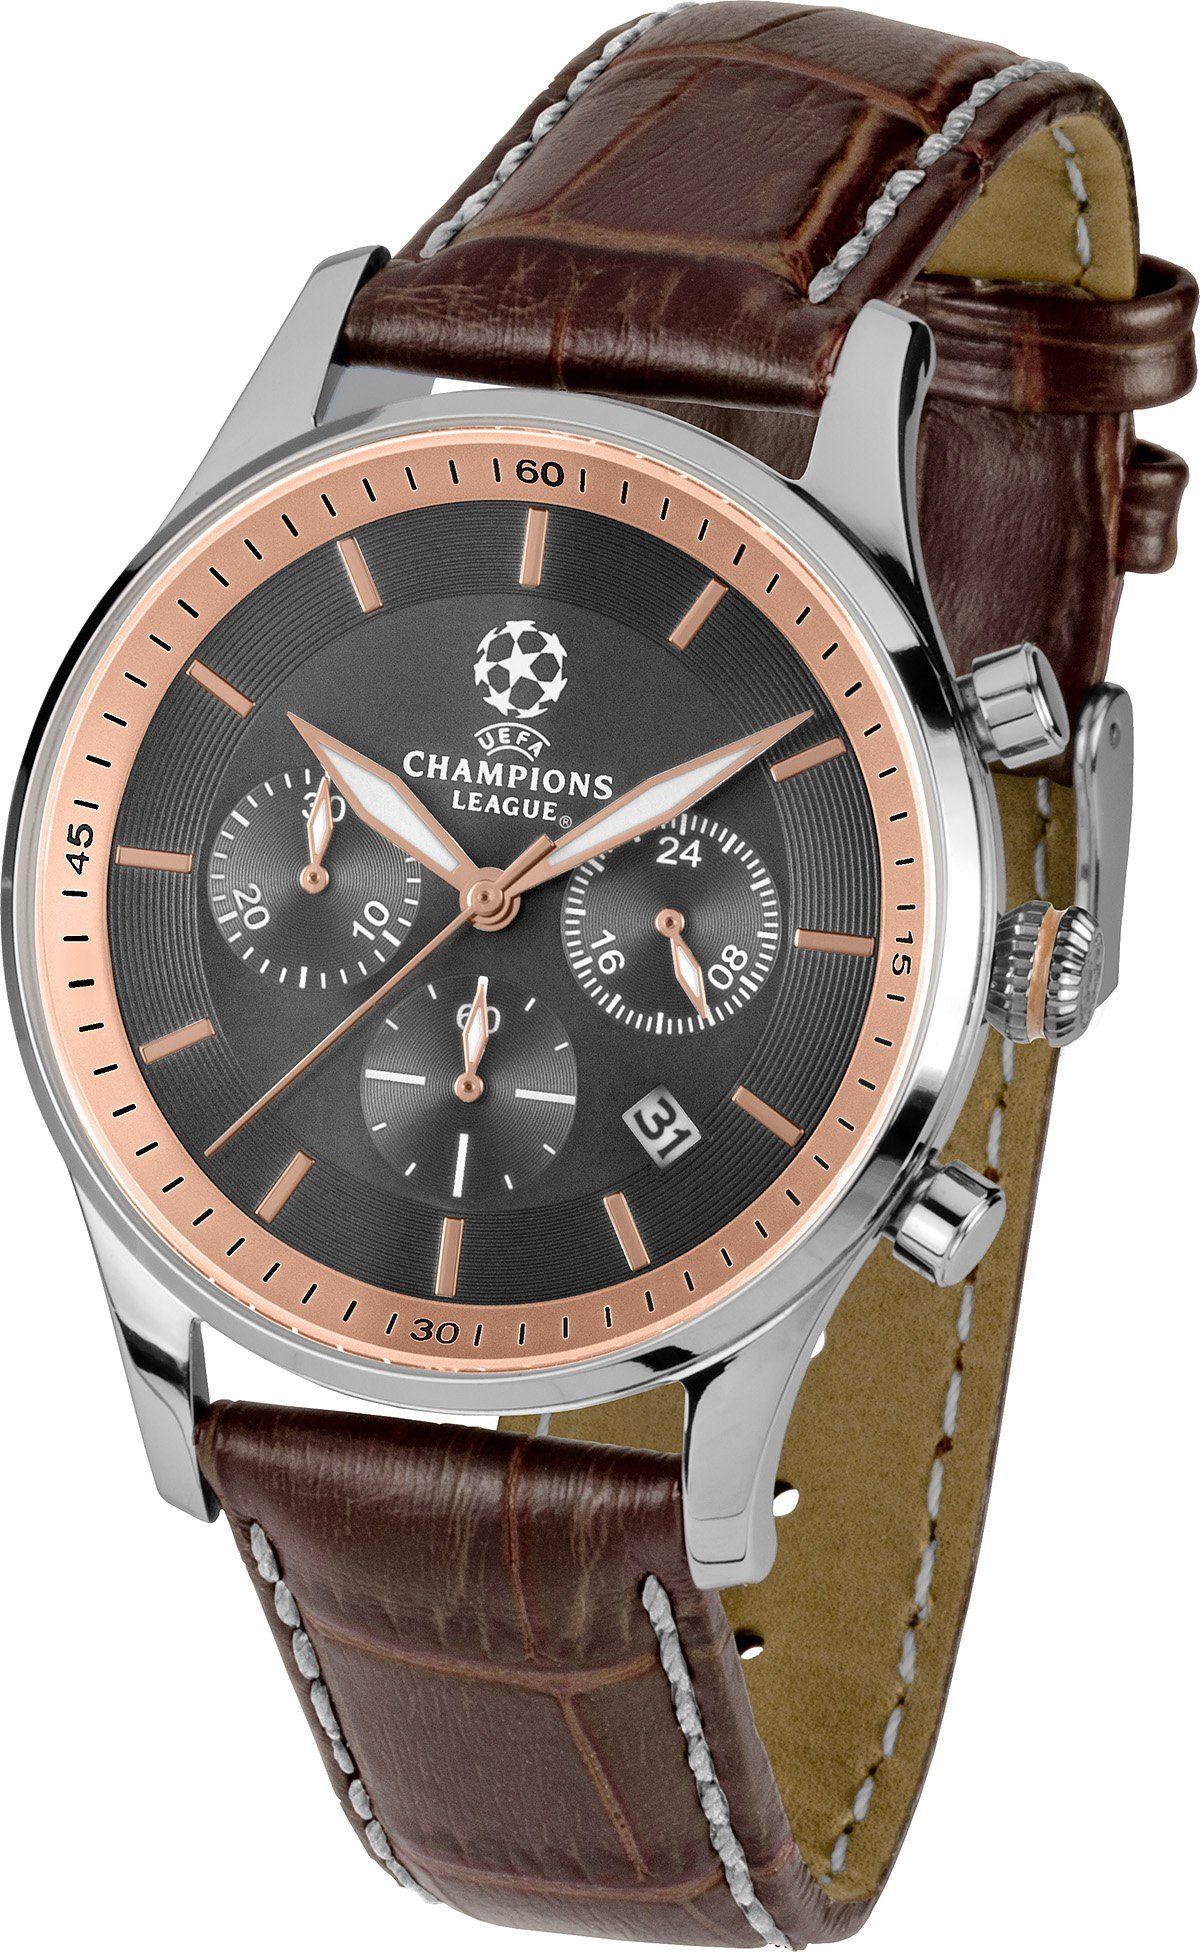 Jacques Lemans Sports Chronograph »UEFA CHAMPIONS LEAGUE, U-58C«